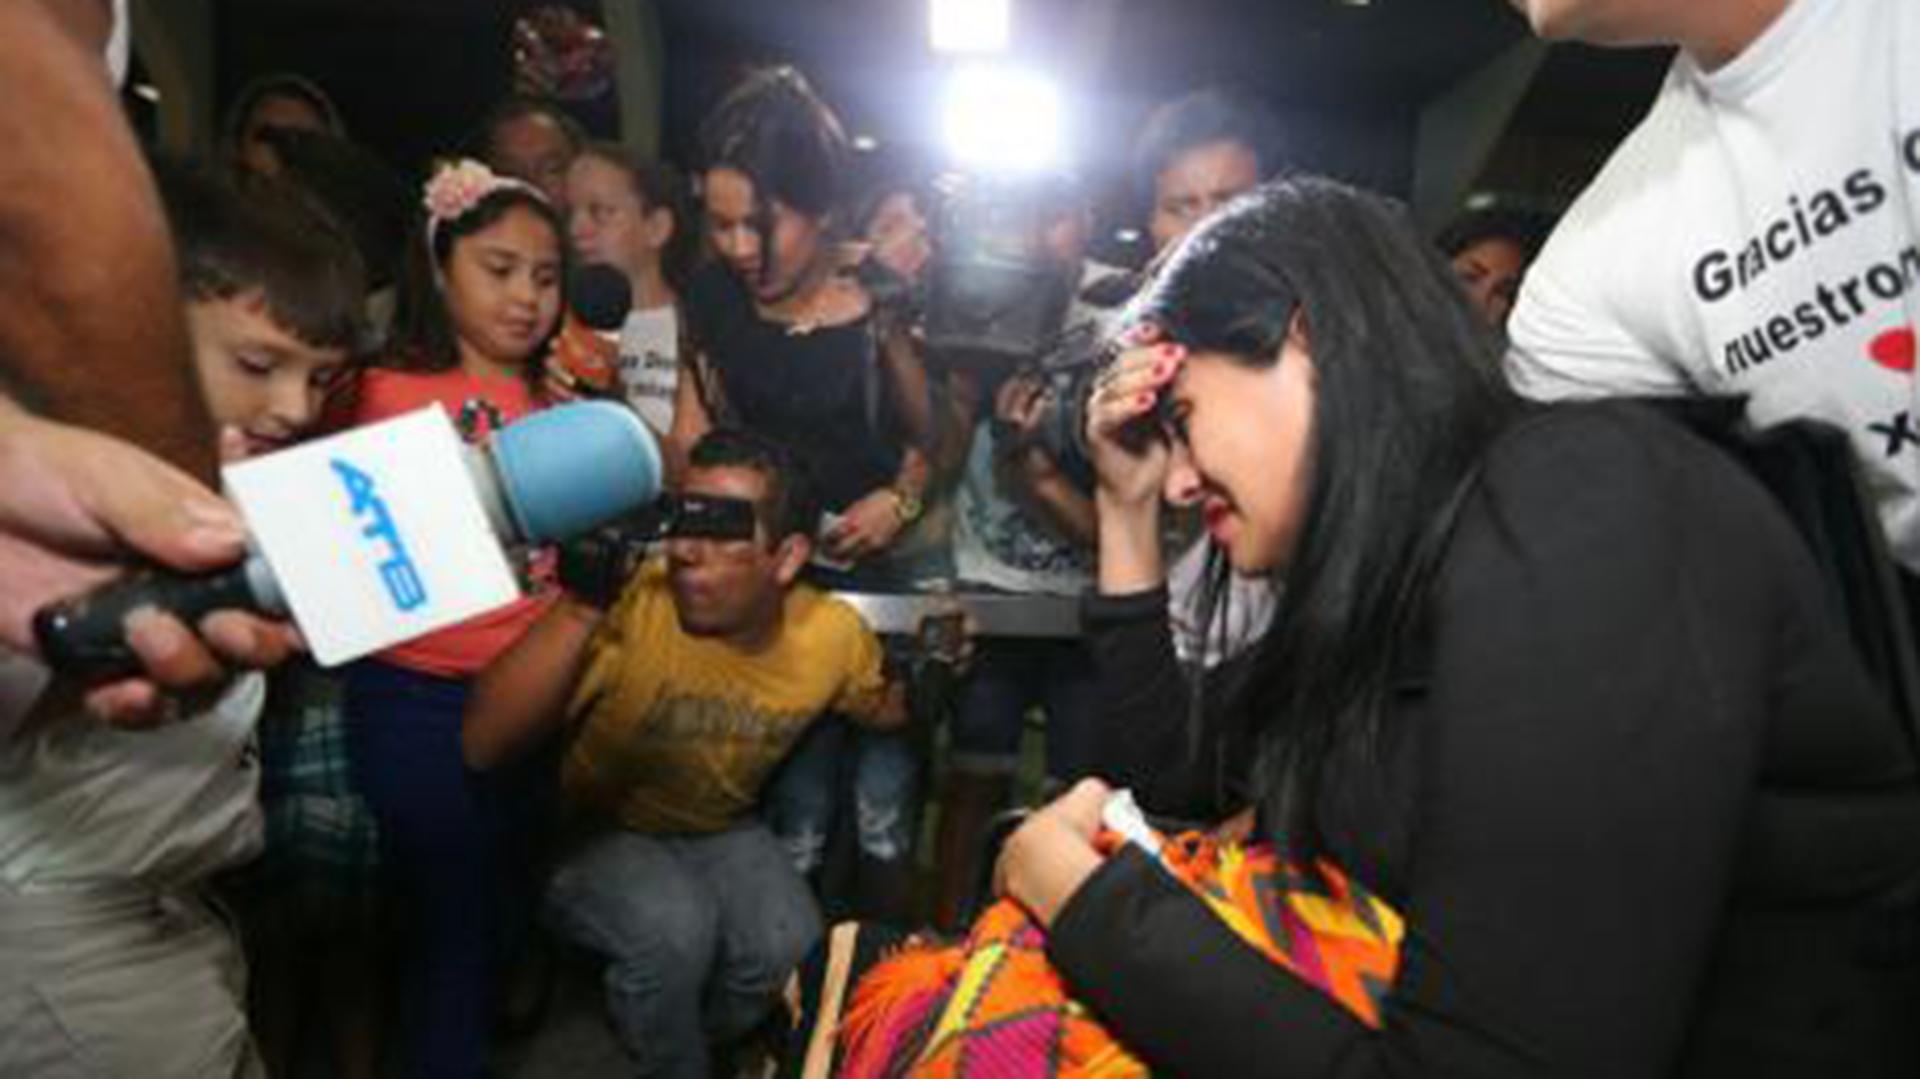 La azafata fue una sobreviviente del trágico accidente ocurrido el 29 de noviembre